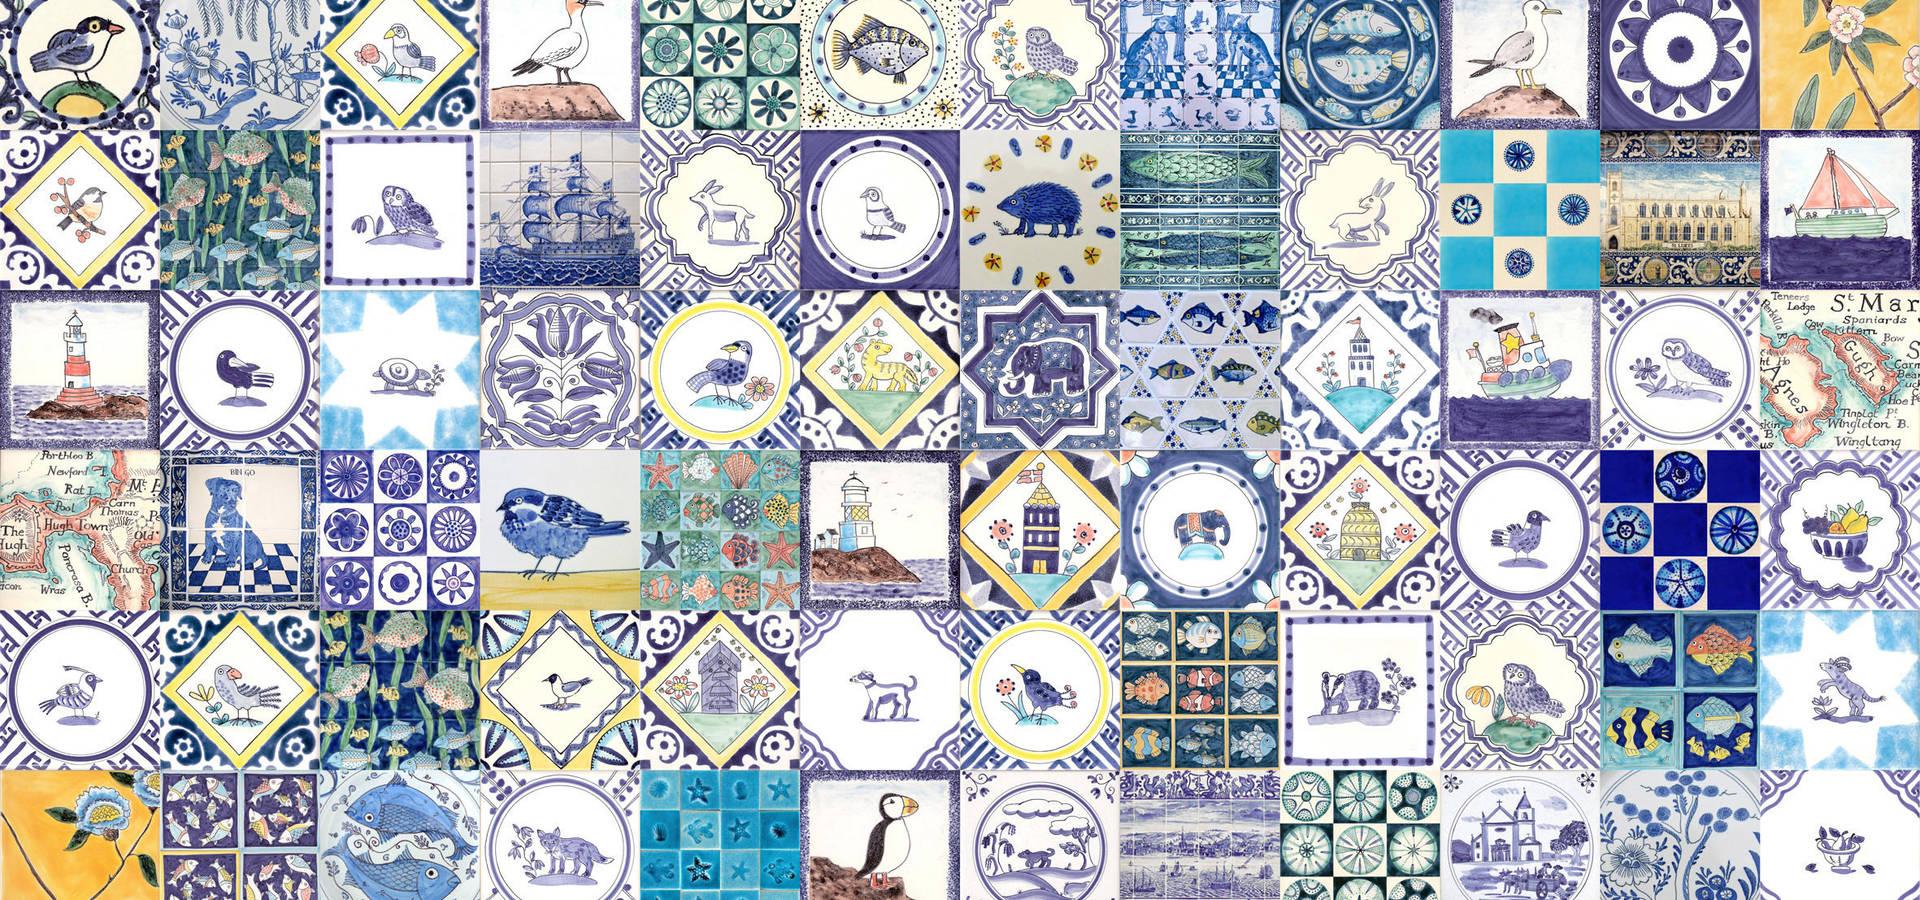 Reptile tiles & ceramics